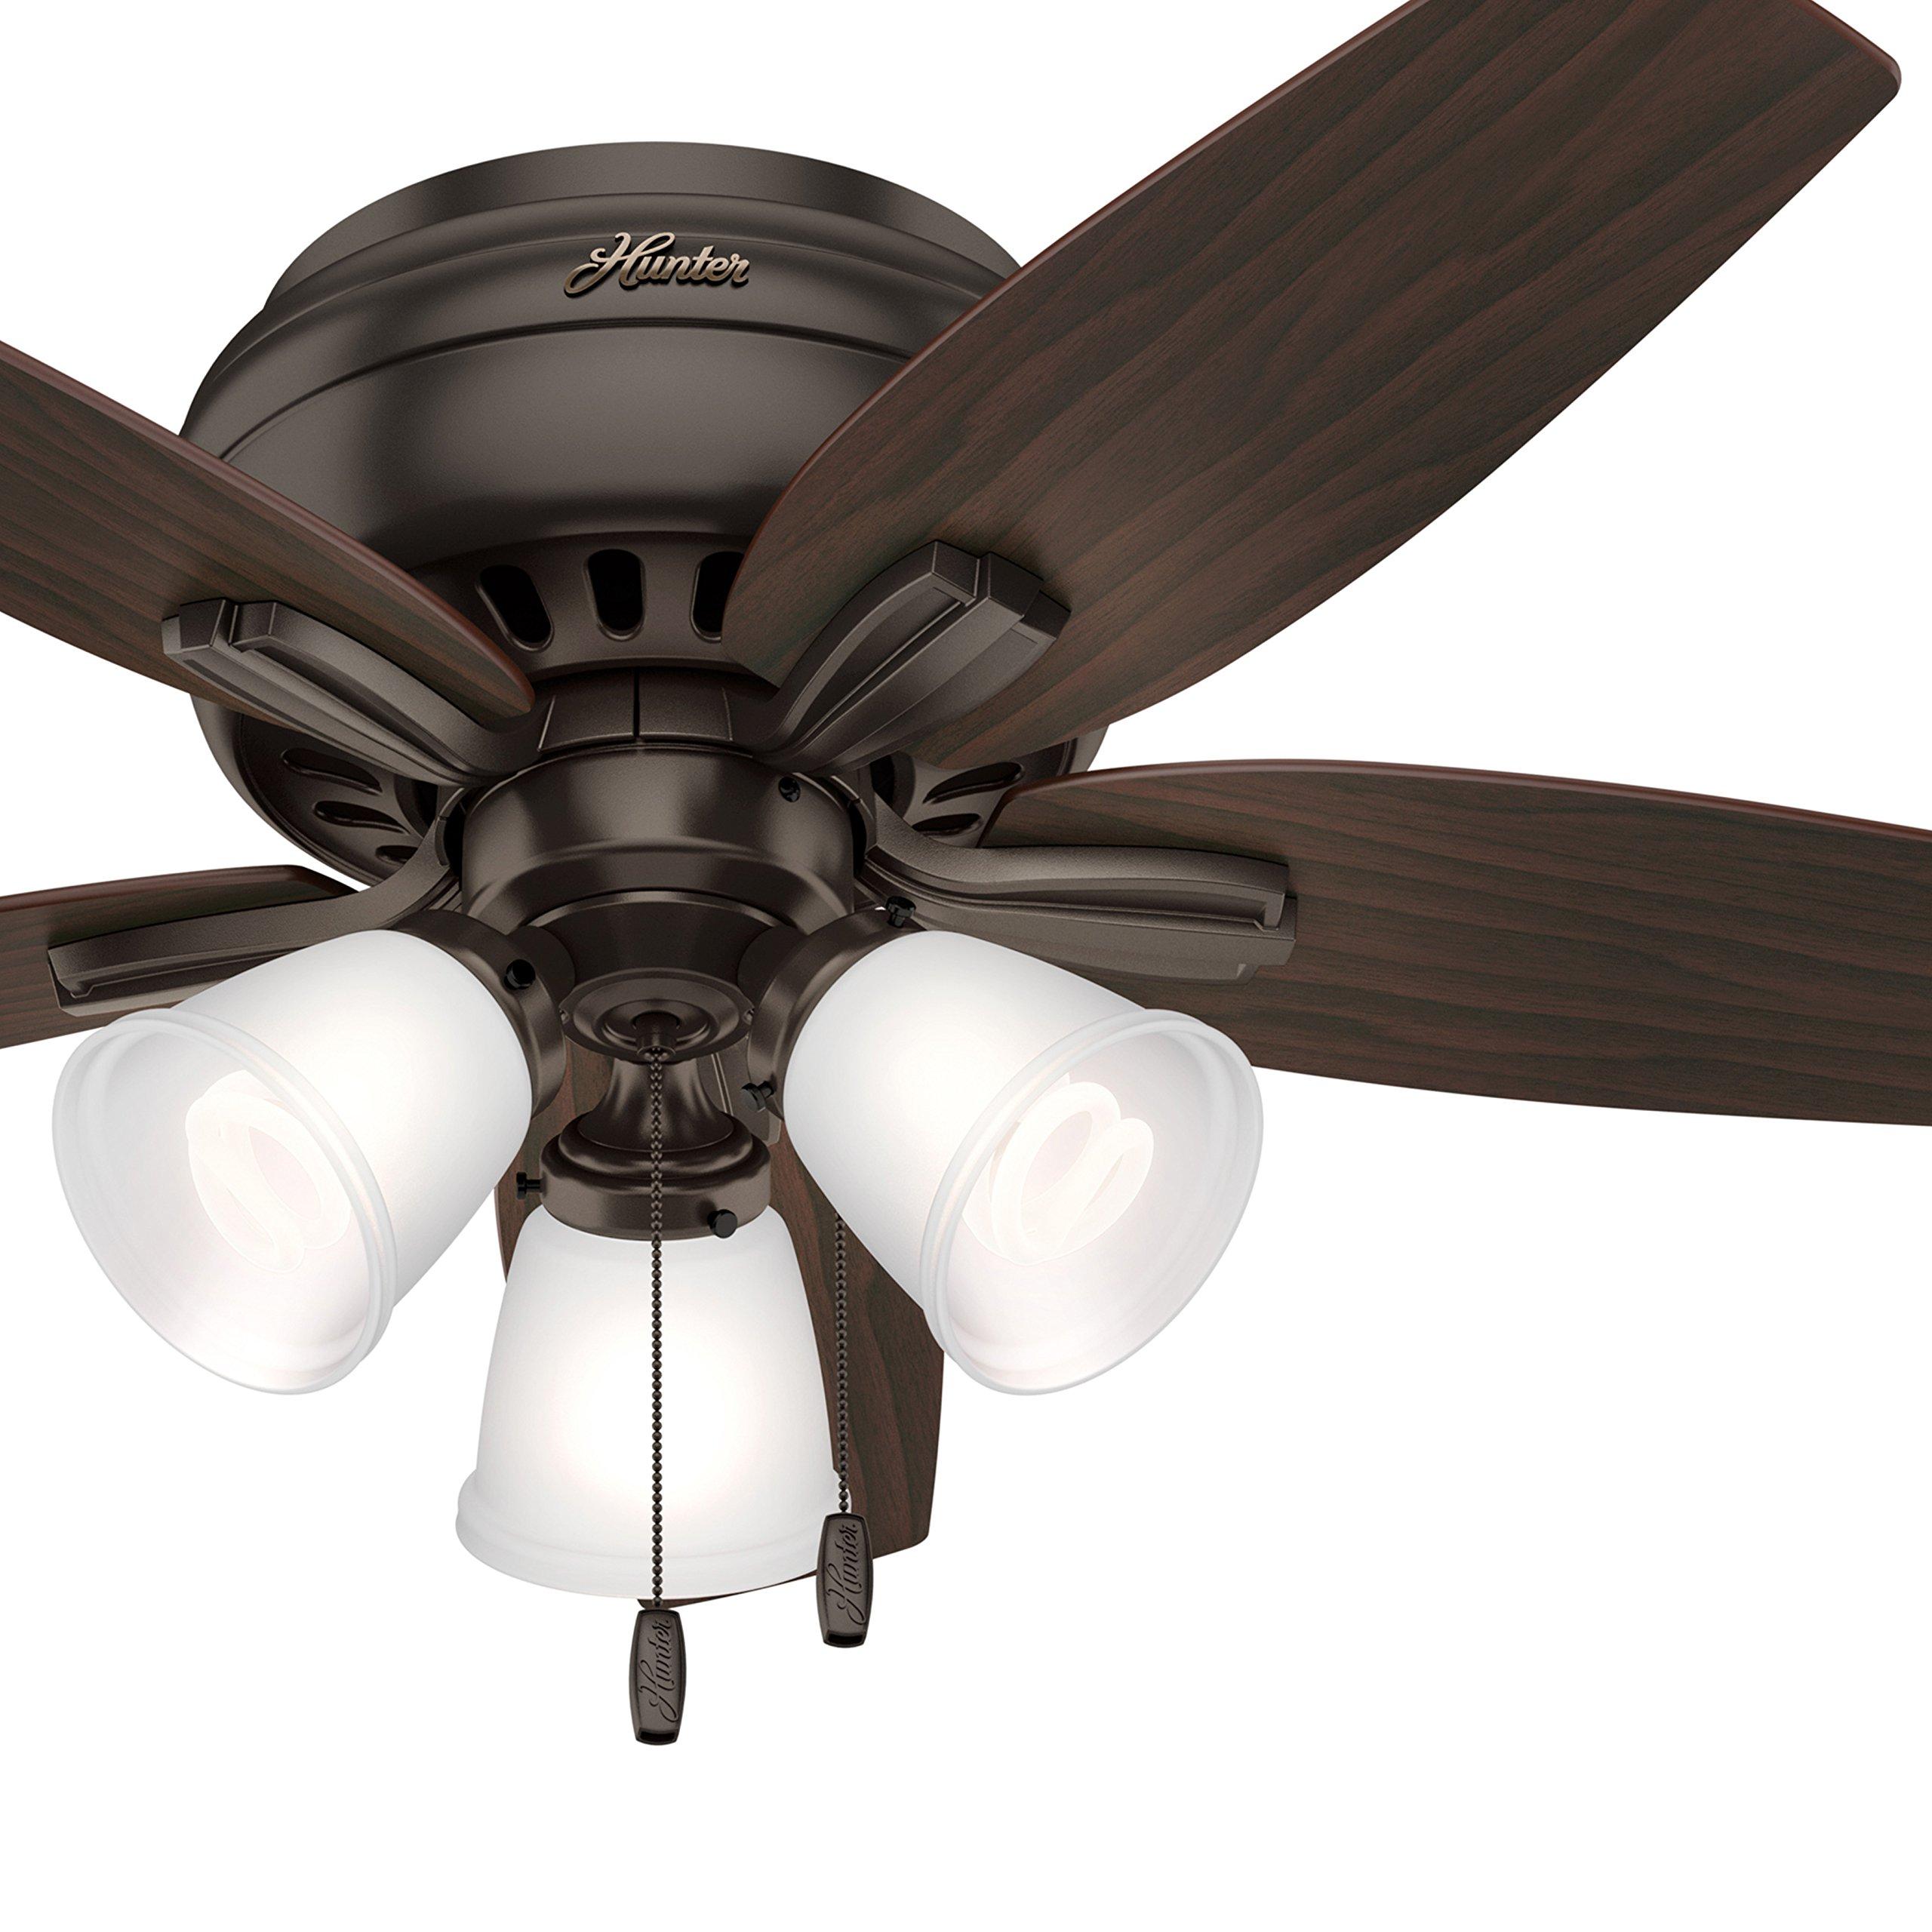 Hunter Fan 42 in. Flush Mount Ceiling Fan with 3 Lights, Premier Bronze (Certified Refurbished)